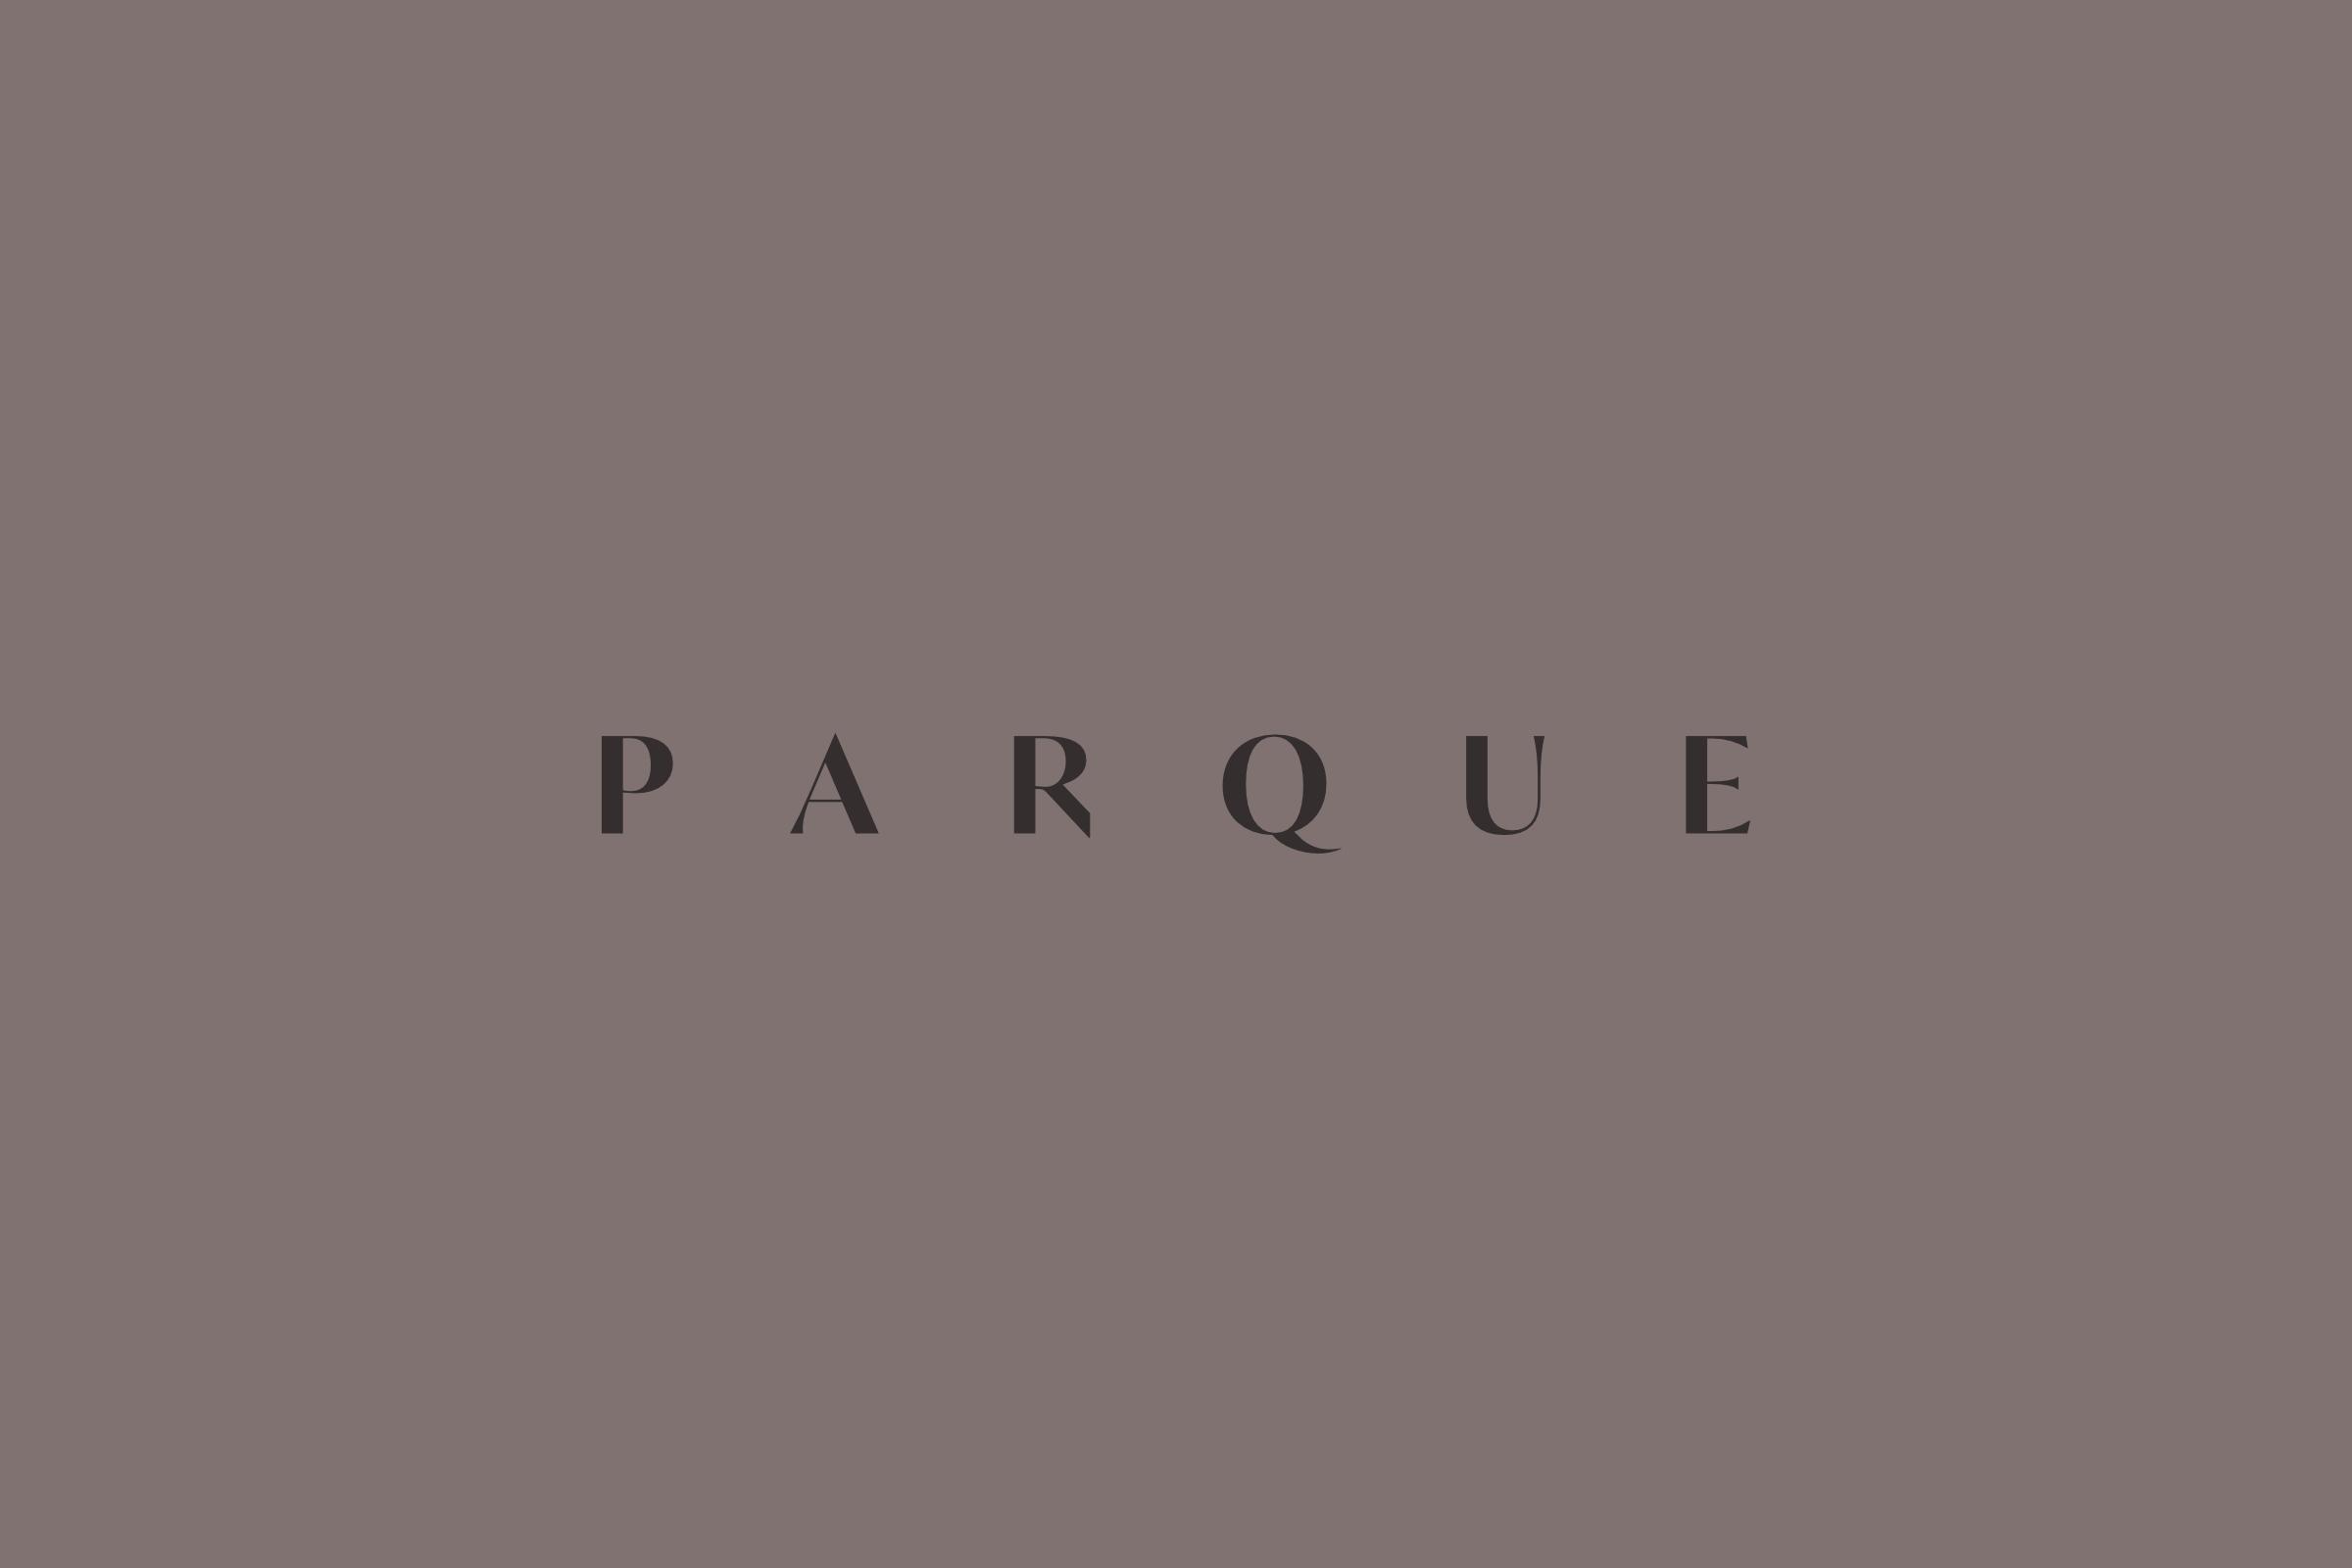 Parque logo.